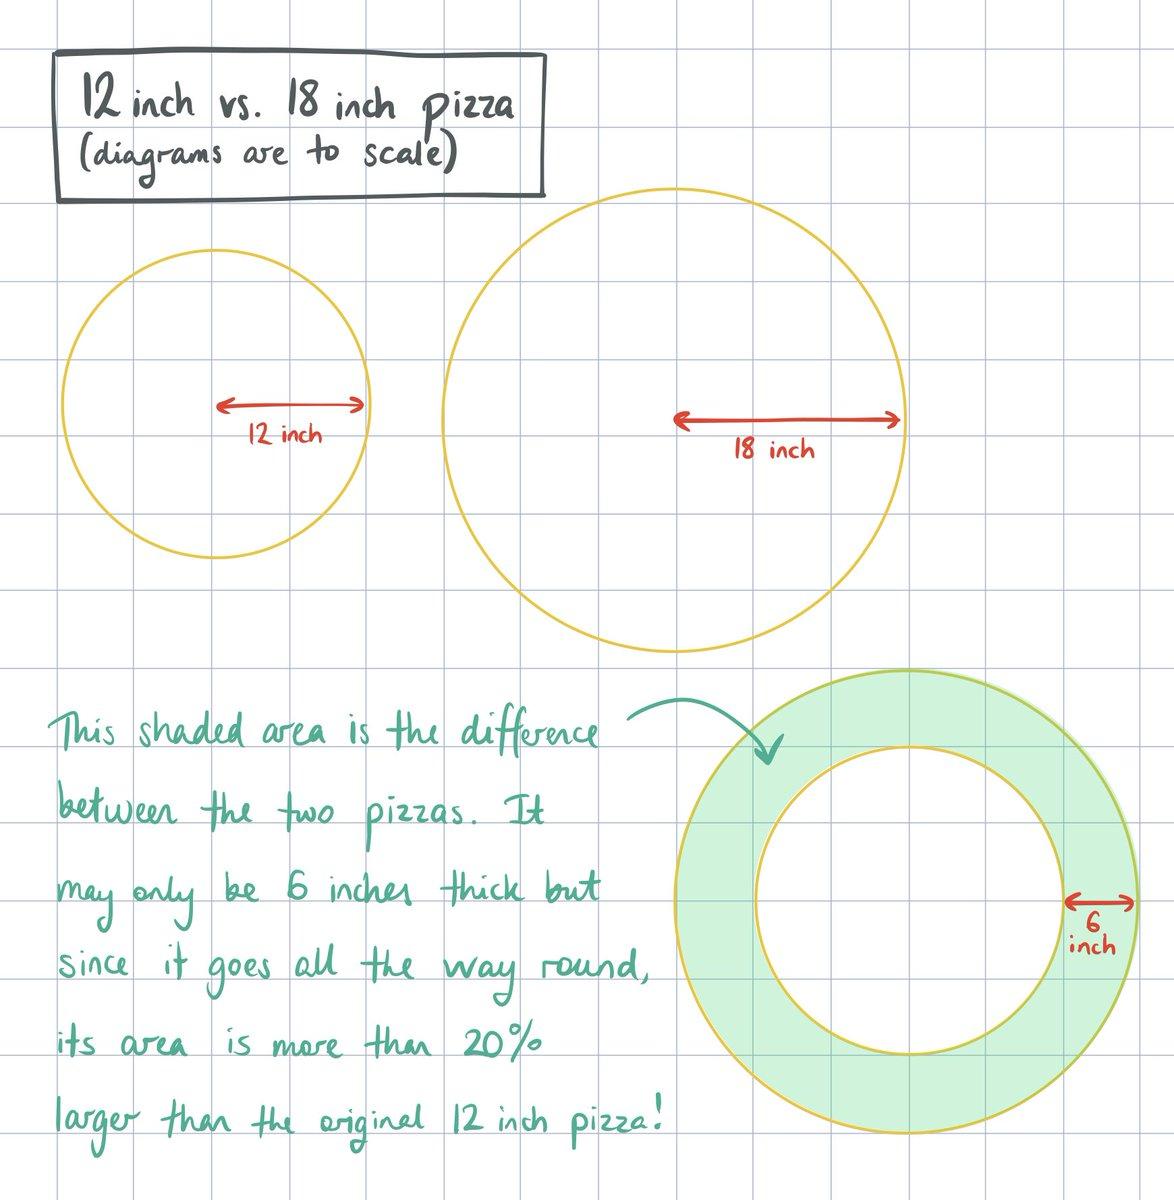 Illustrating the math